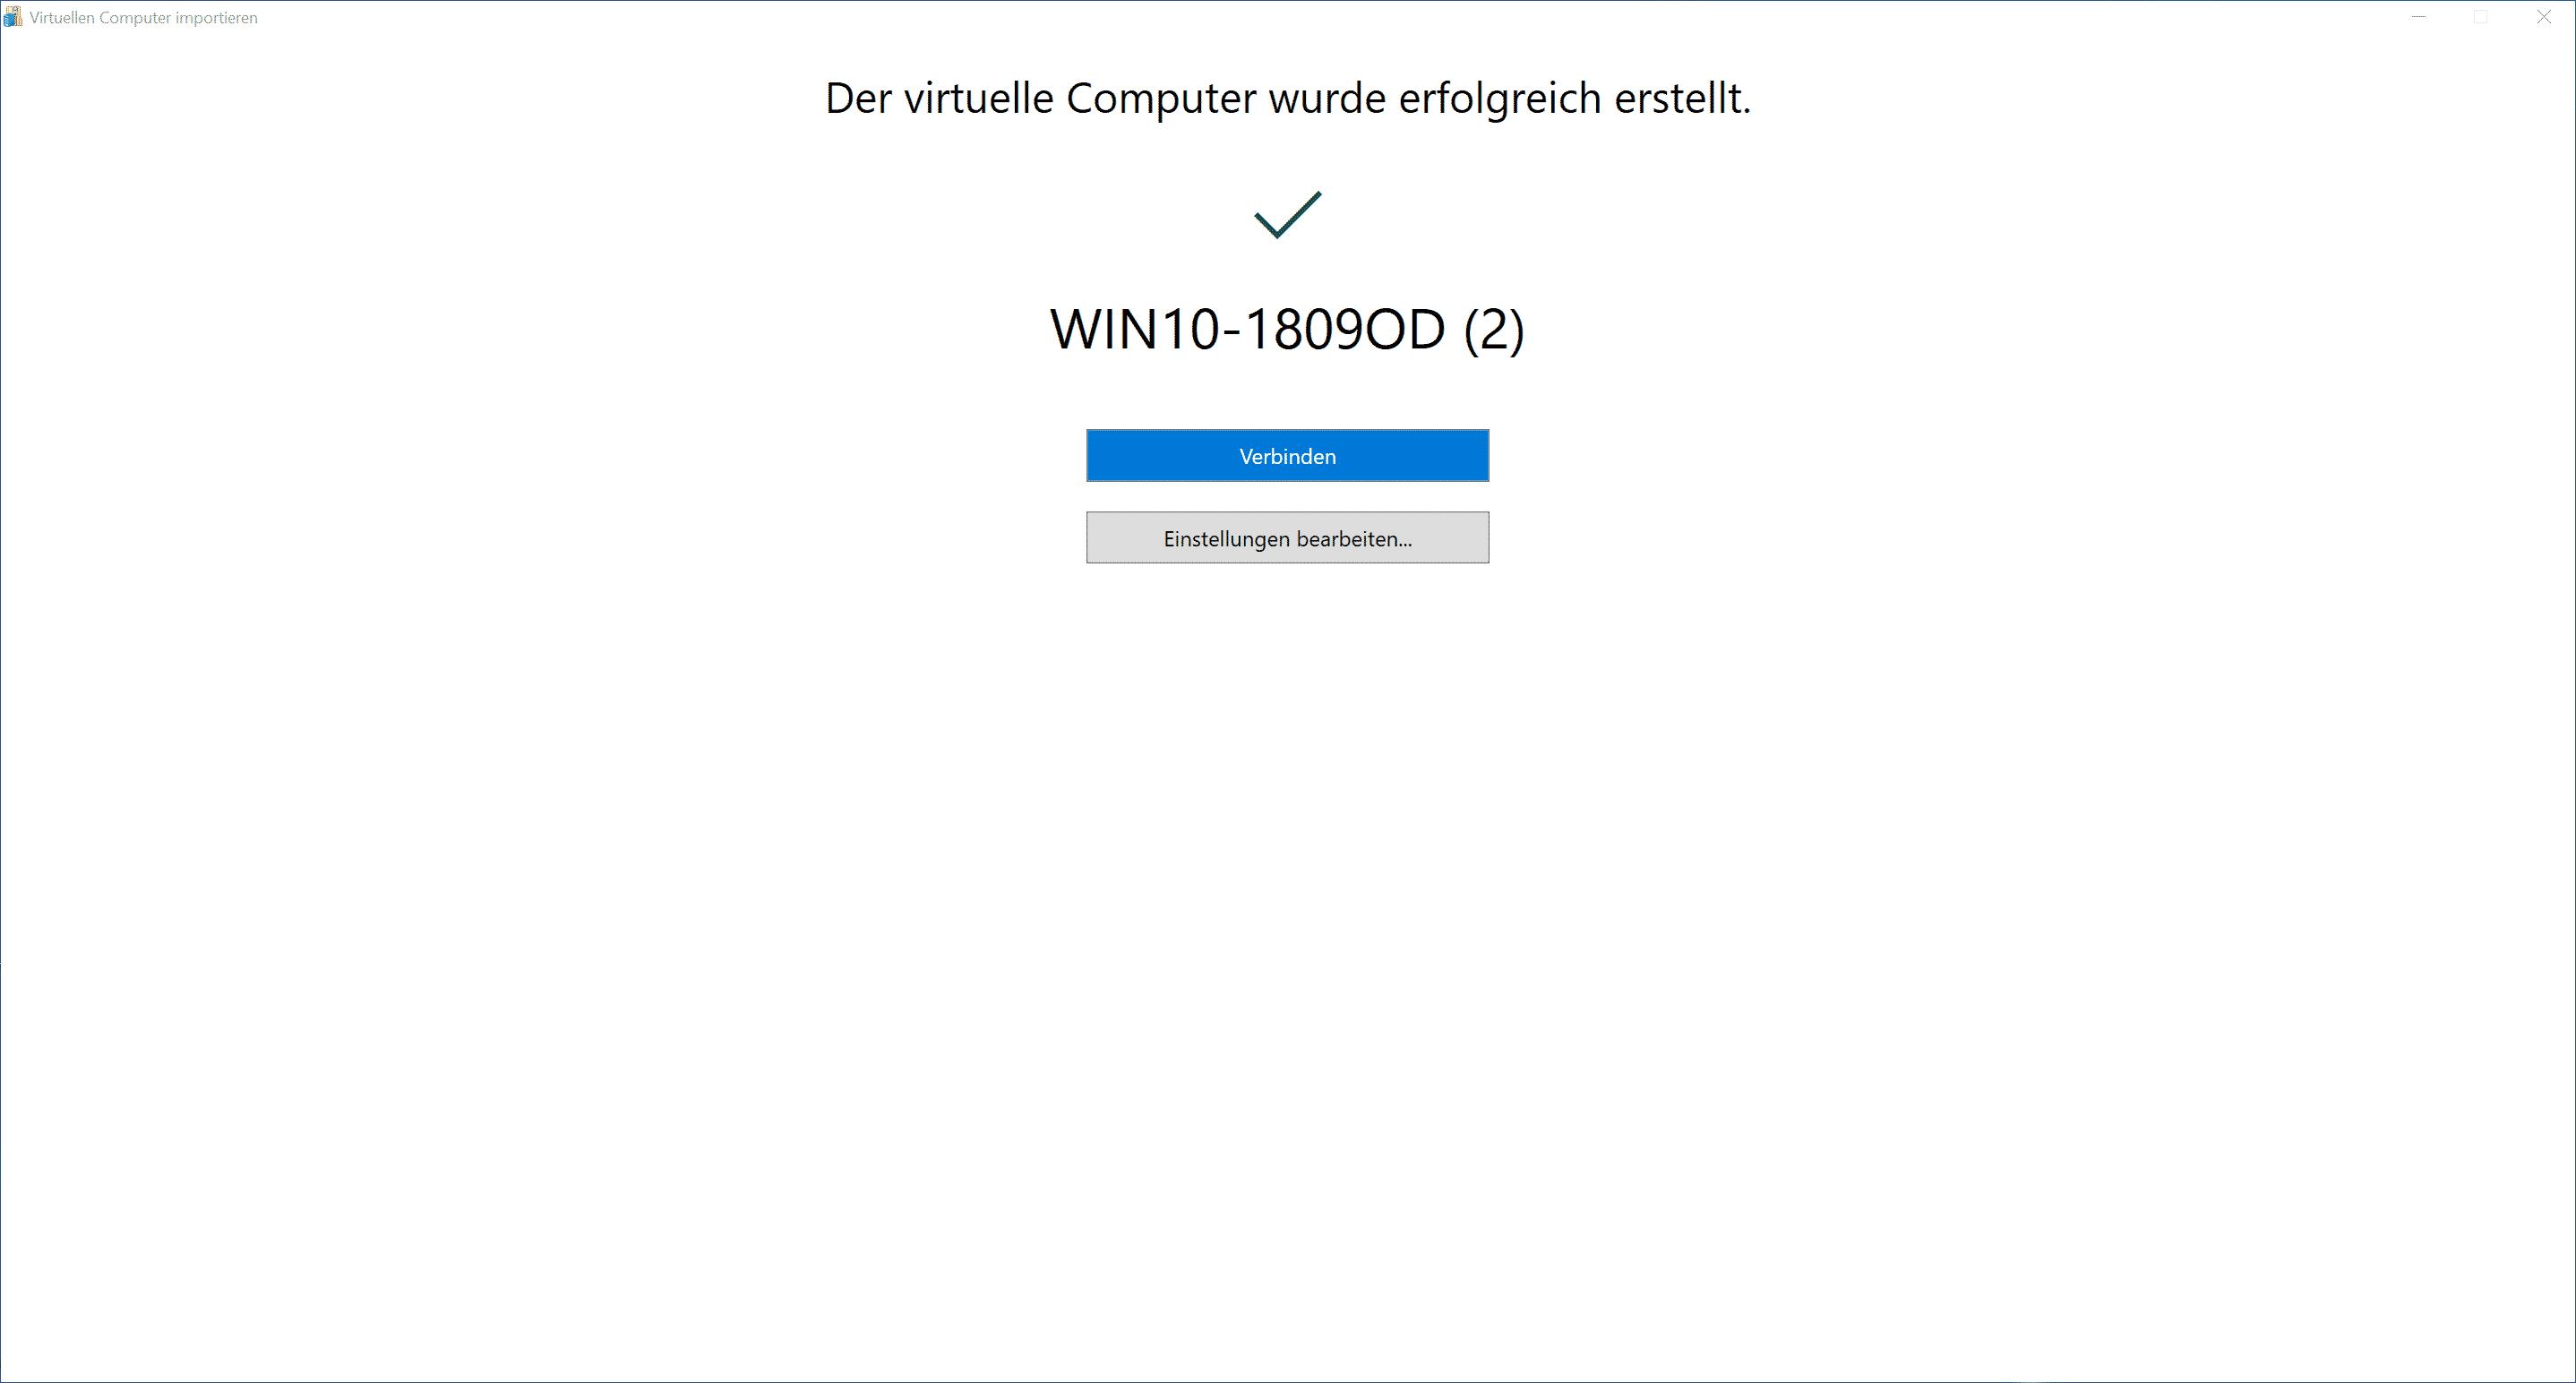 Der virtuelle Computer wurde erfolgreich erstellt